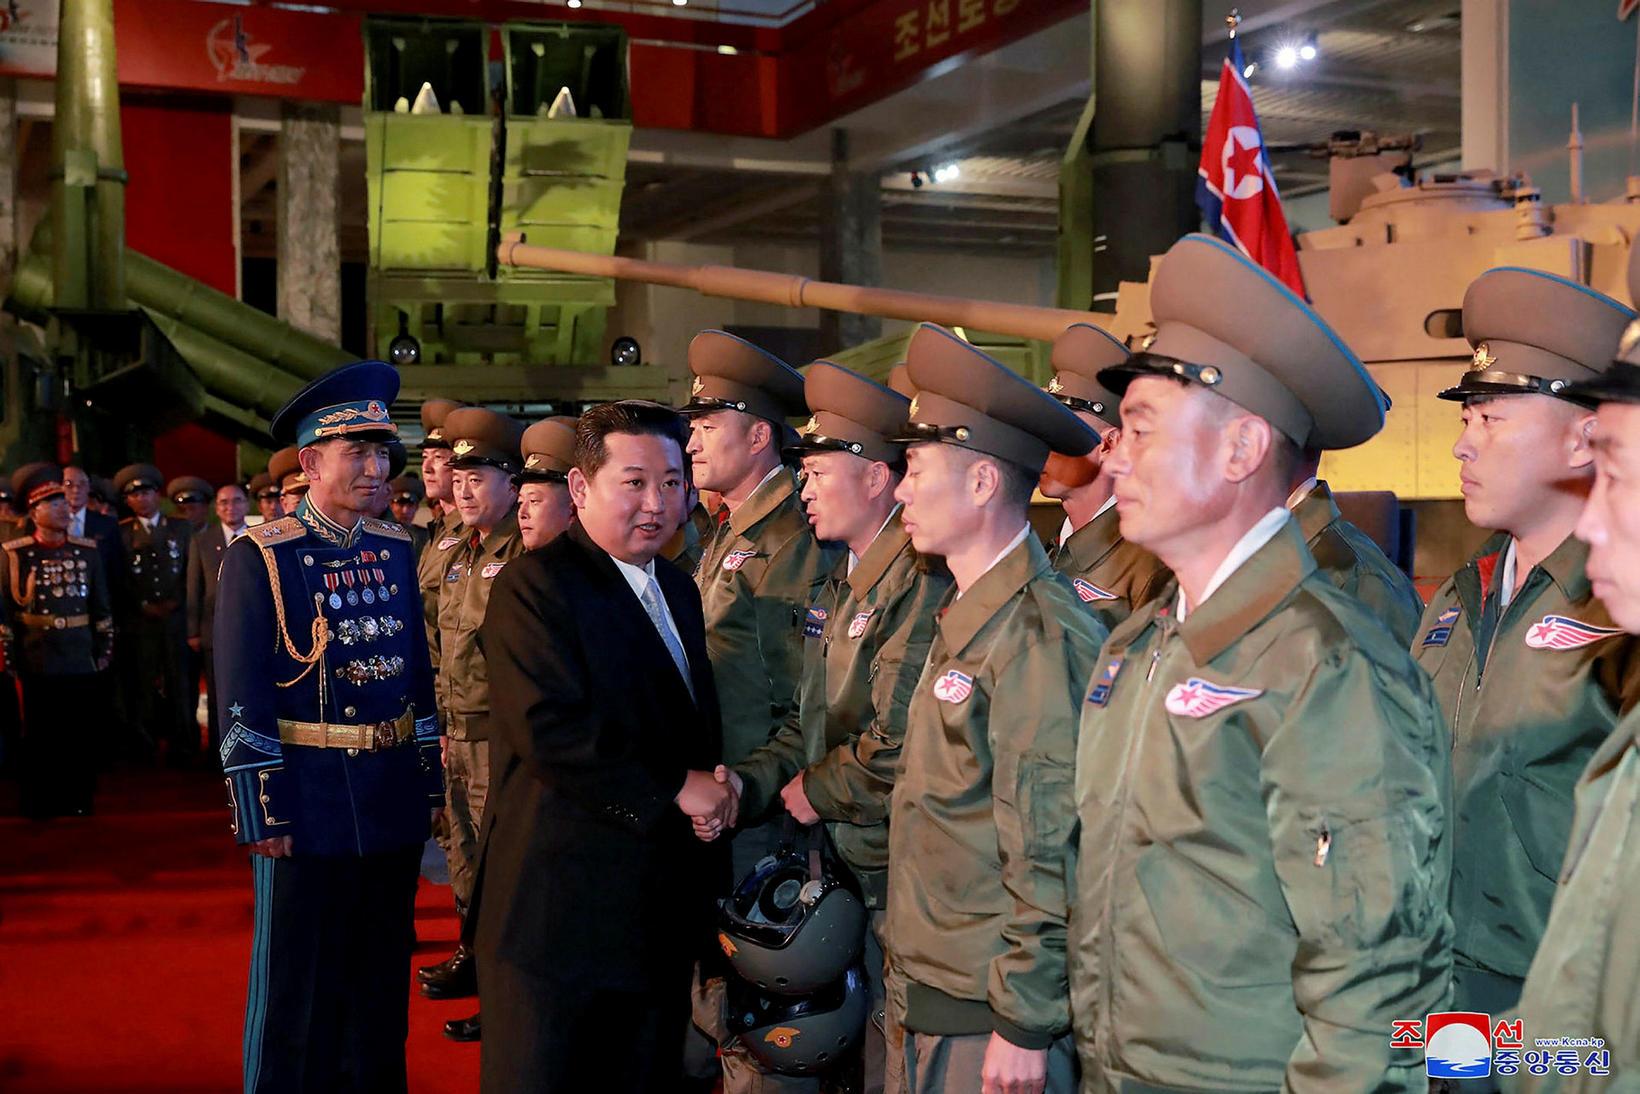 Kim Jong-un heilsar flugmönnum sem tóku þátt í hersýningunni.